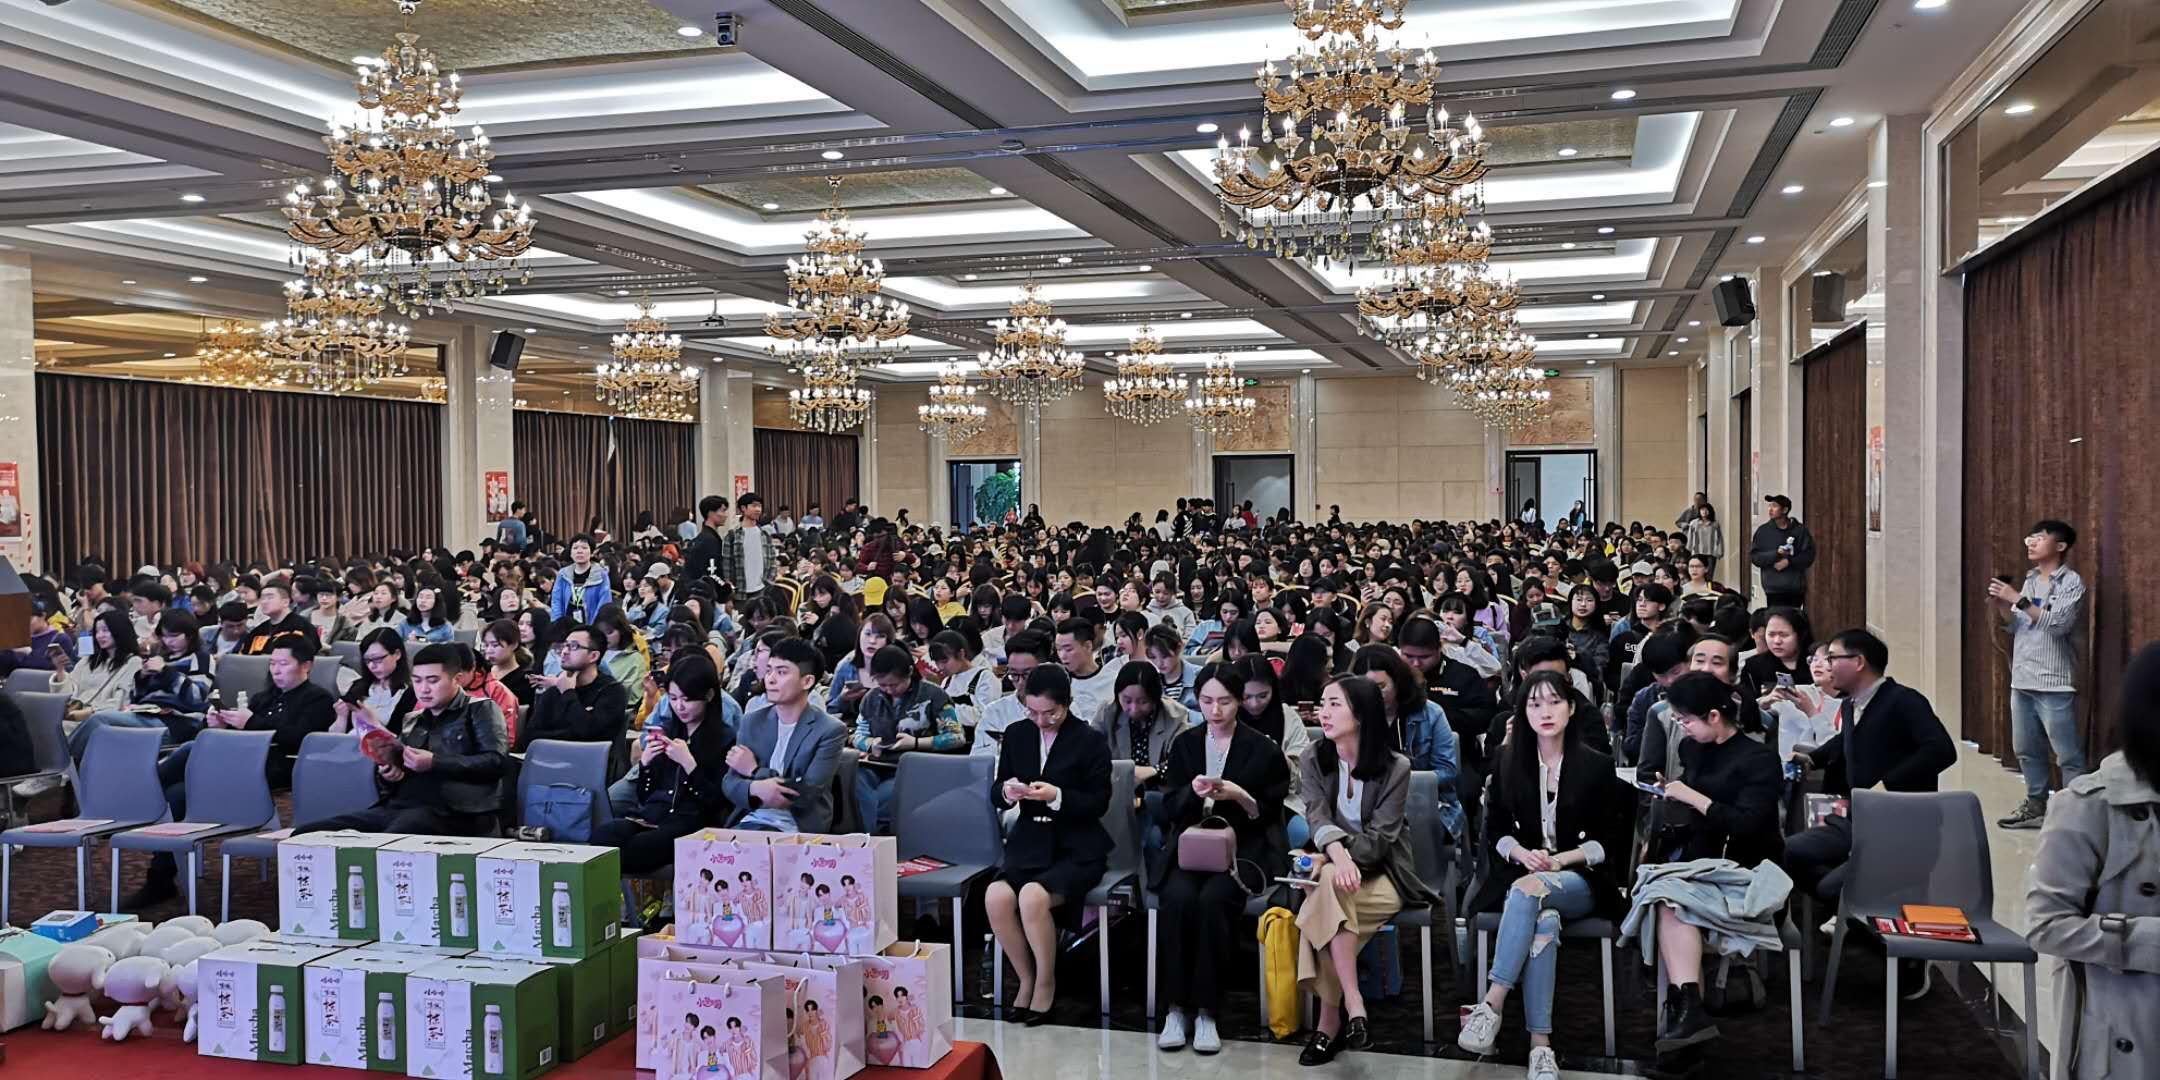 第十一屆全國大學生廣告藝術大賽問答集錦-課工場解析!